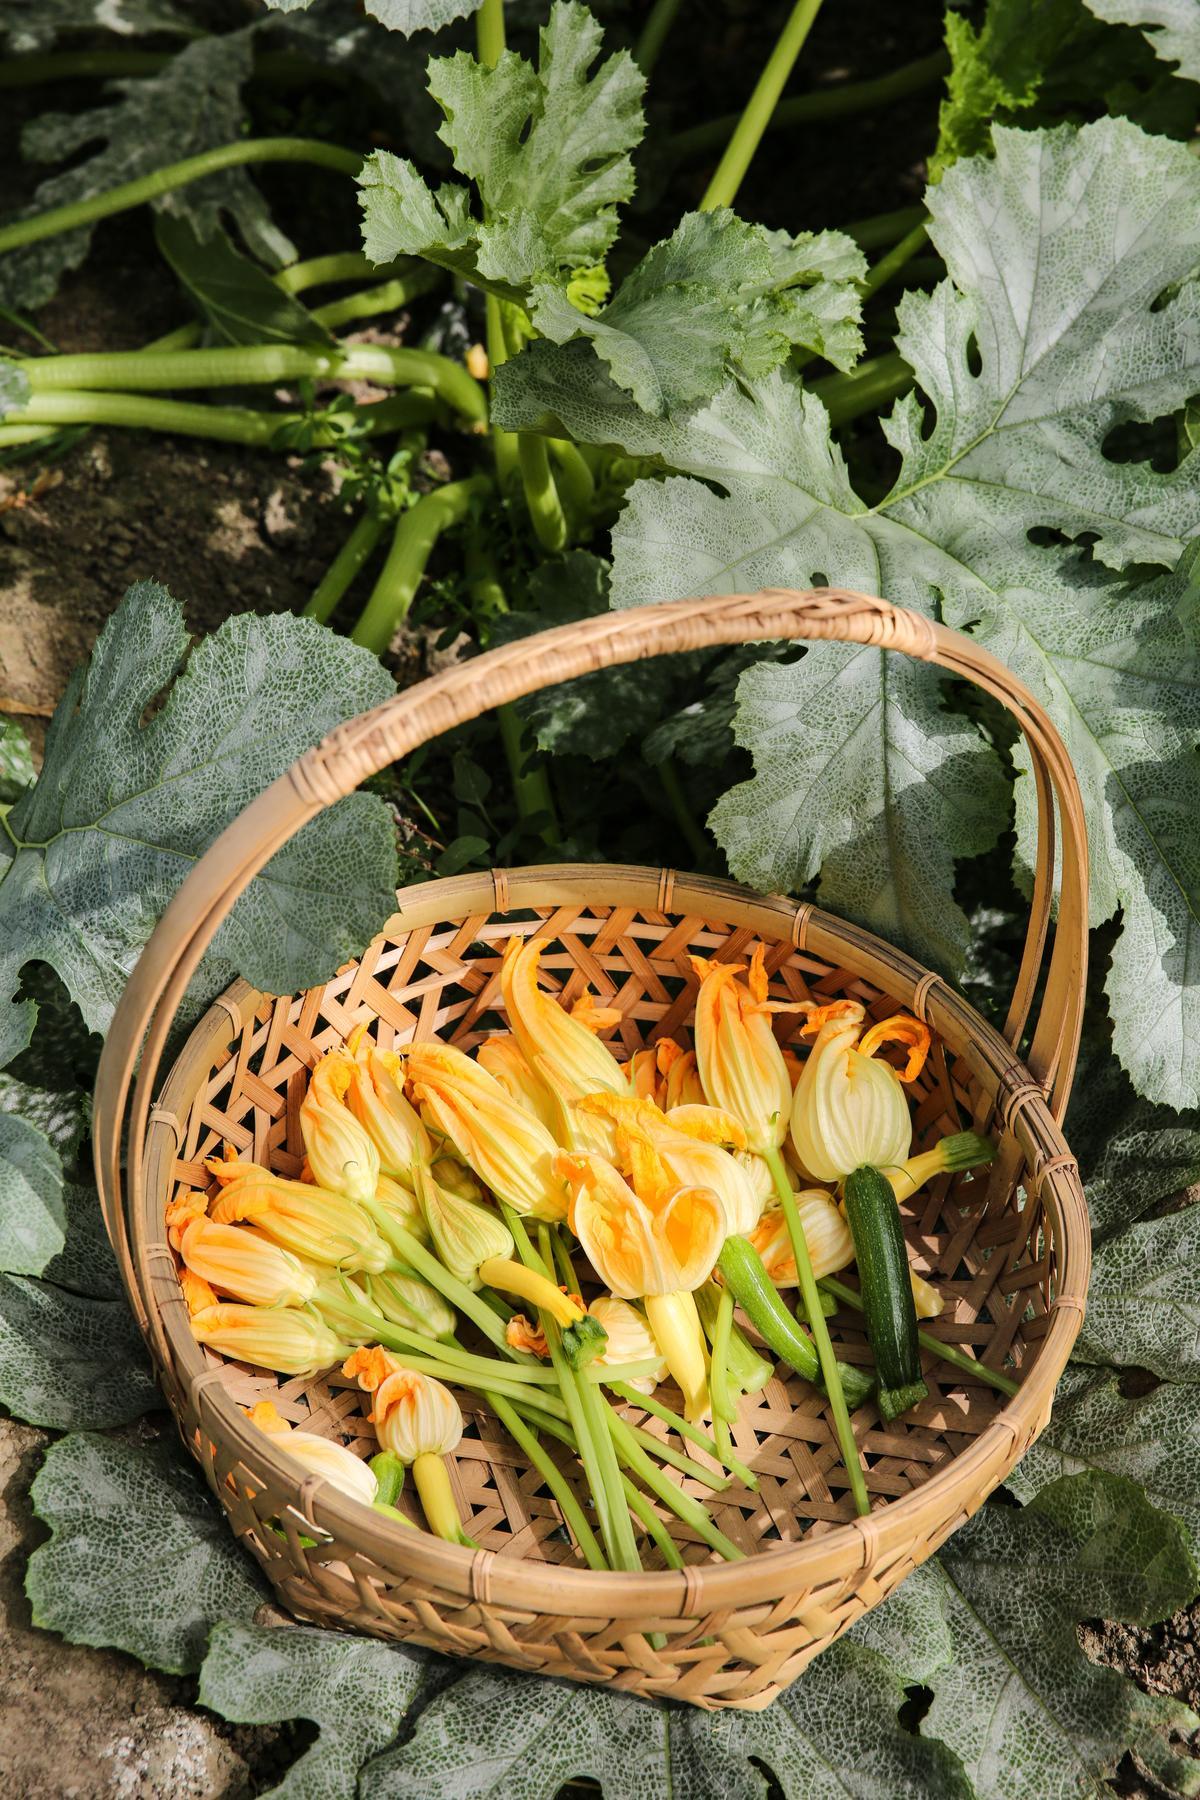 櫛瓜花只在清晨時段綻放4小時,每天須在清晨8點前採收完畢。